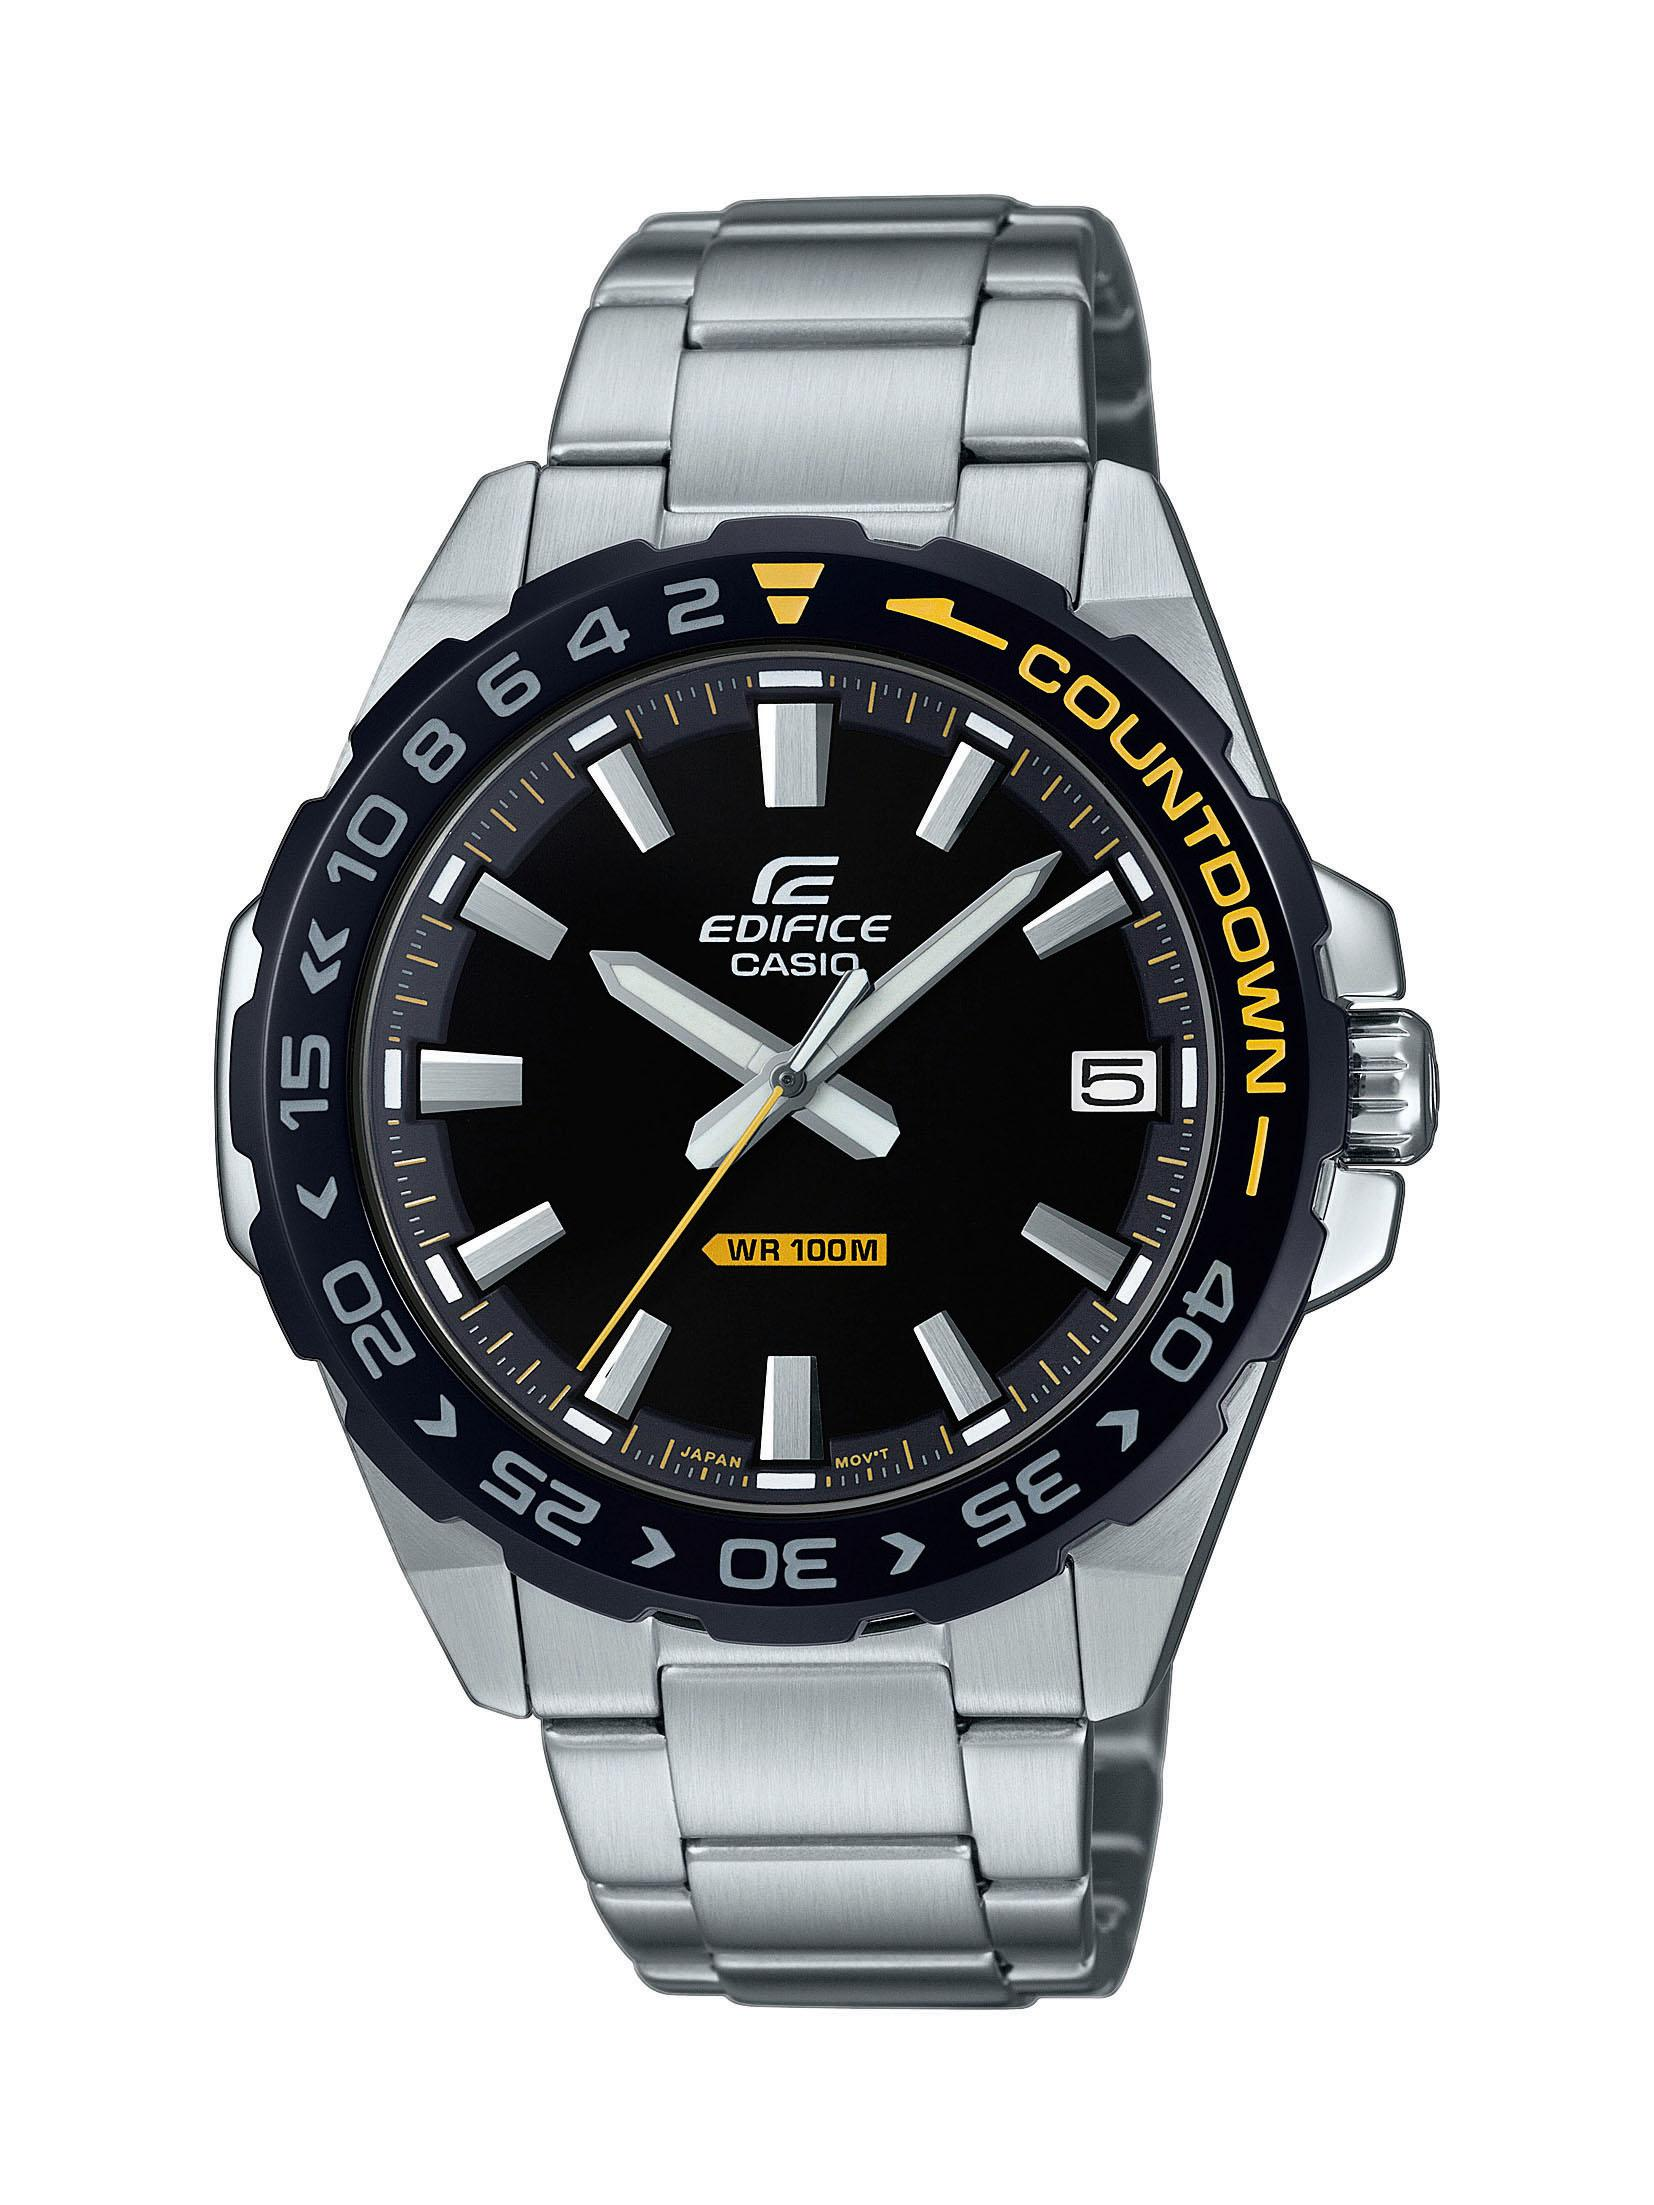 Ρολόι Casio Edifice Clasic EFV-120DB-1AVUEF